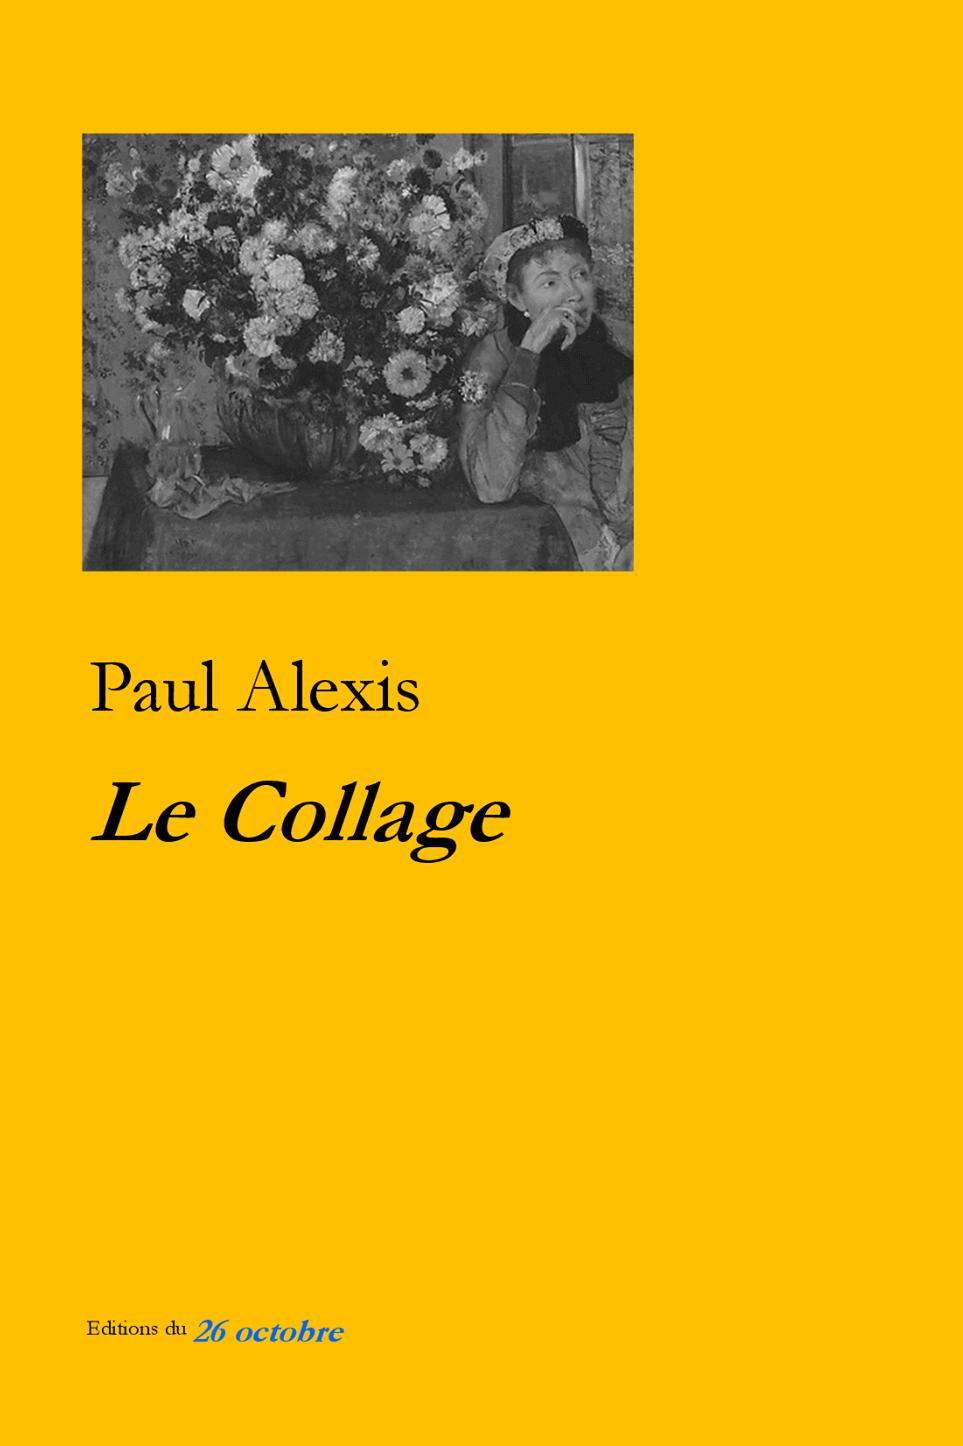 Le Collage de Paul Alexis.